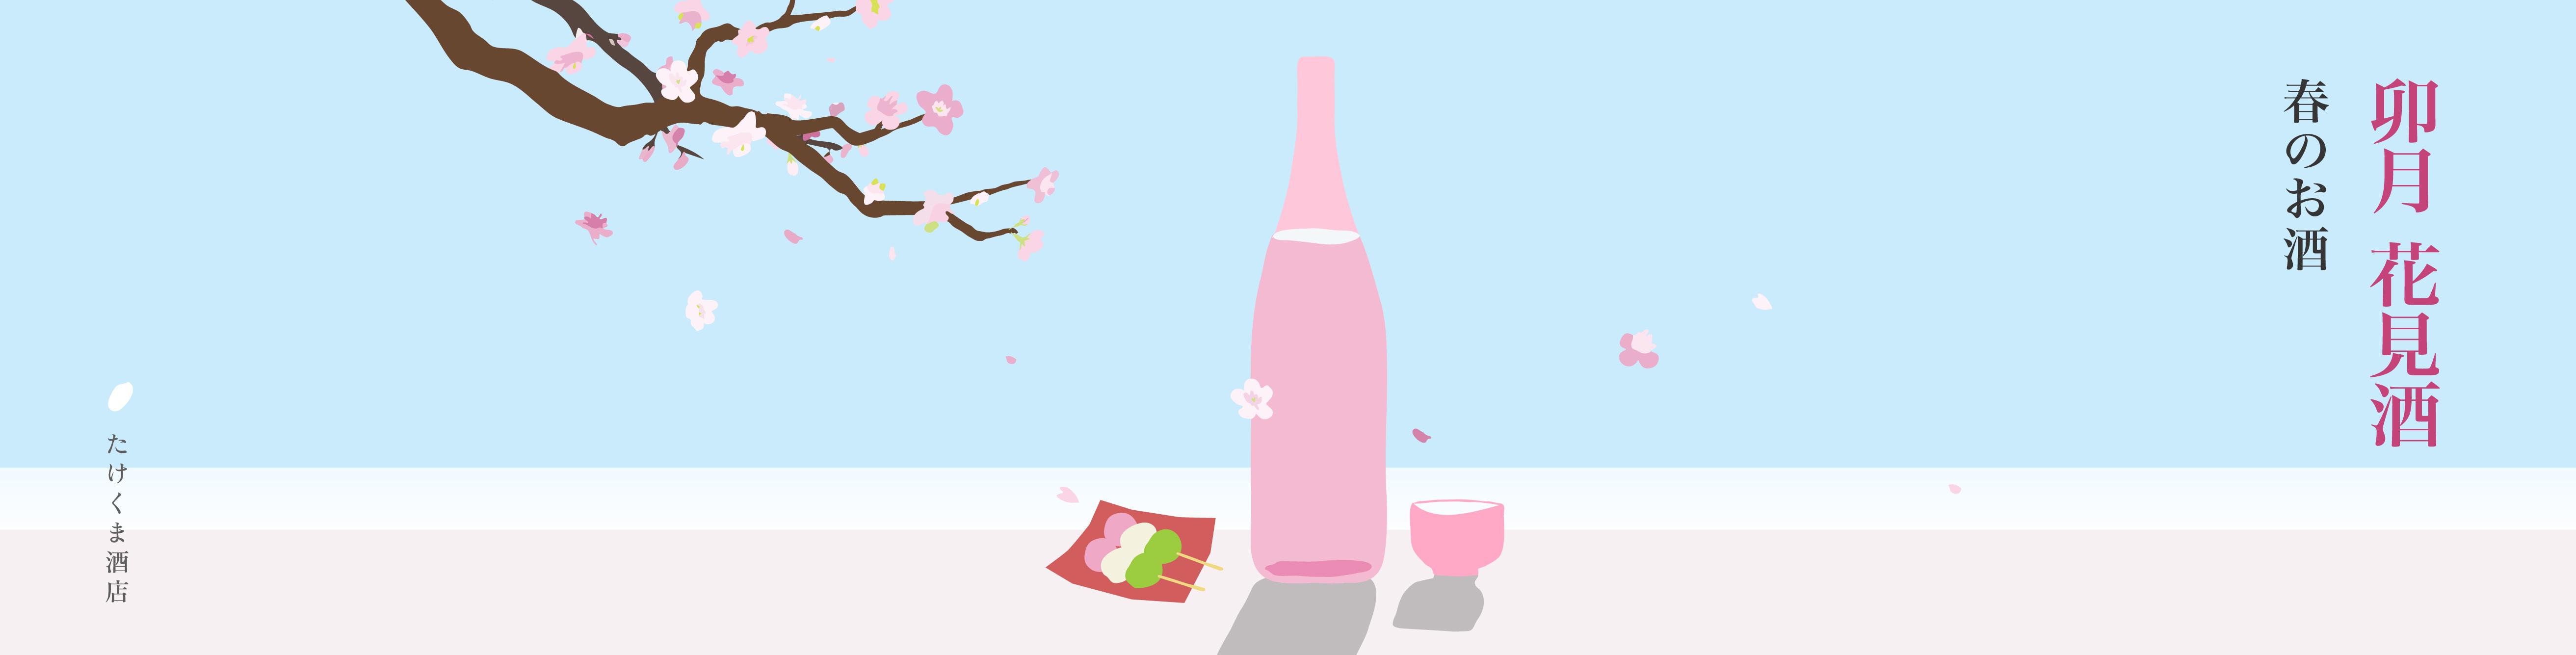 卯月 花見酒 春の酒